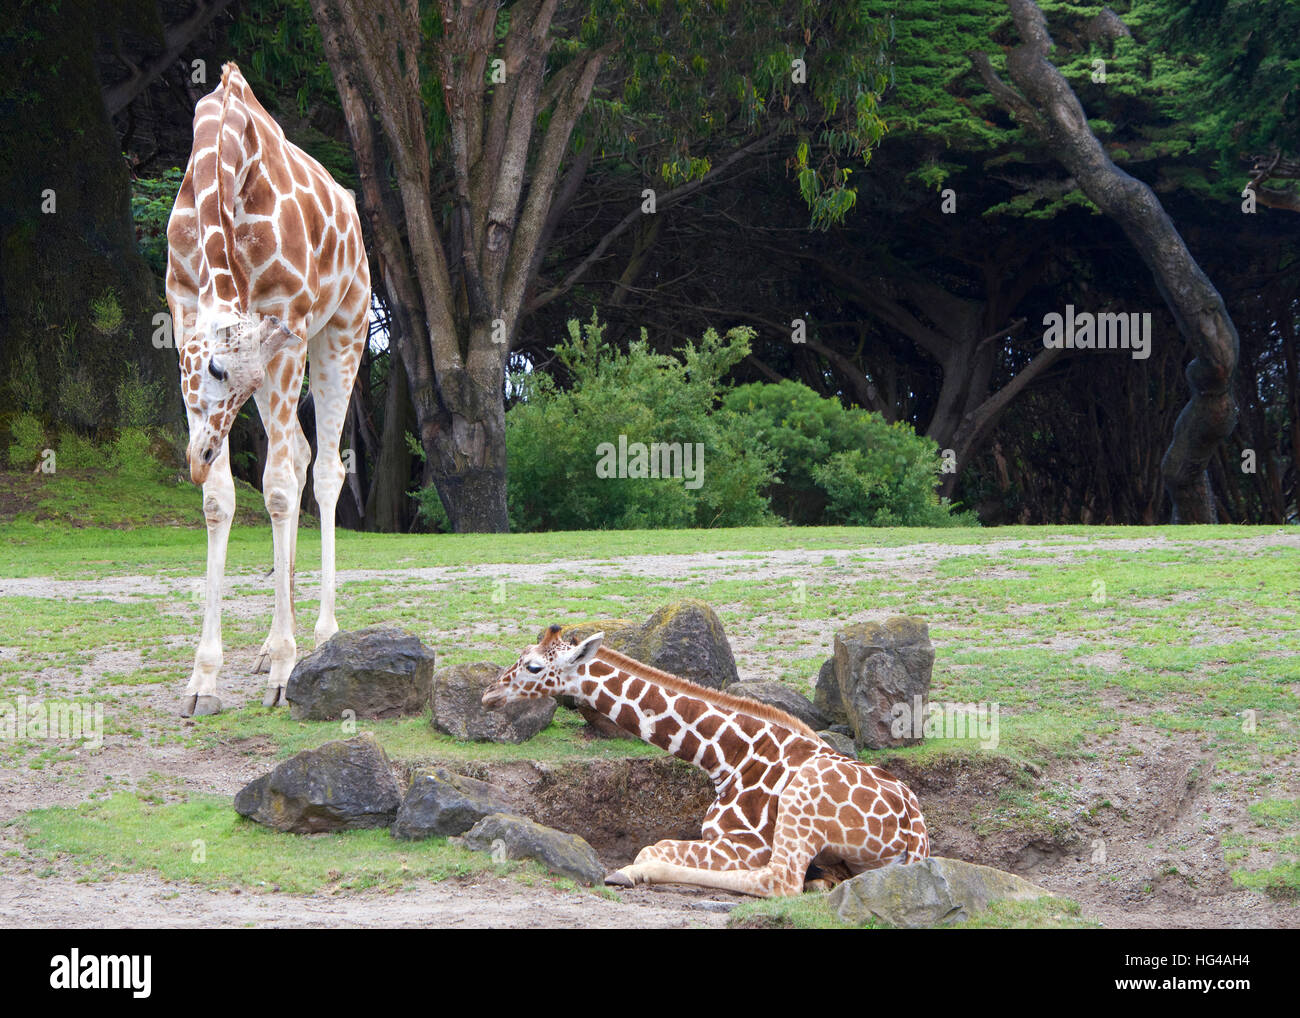 La madre jirafa agacharse a mirar al bebé acostado en el suelo, animando joven a levantarse, hierba verde, Imagen De Stock